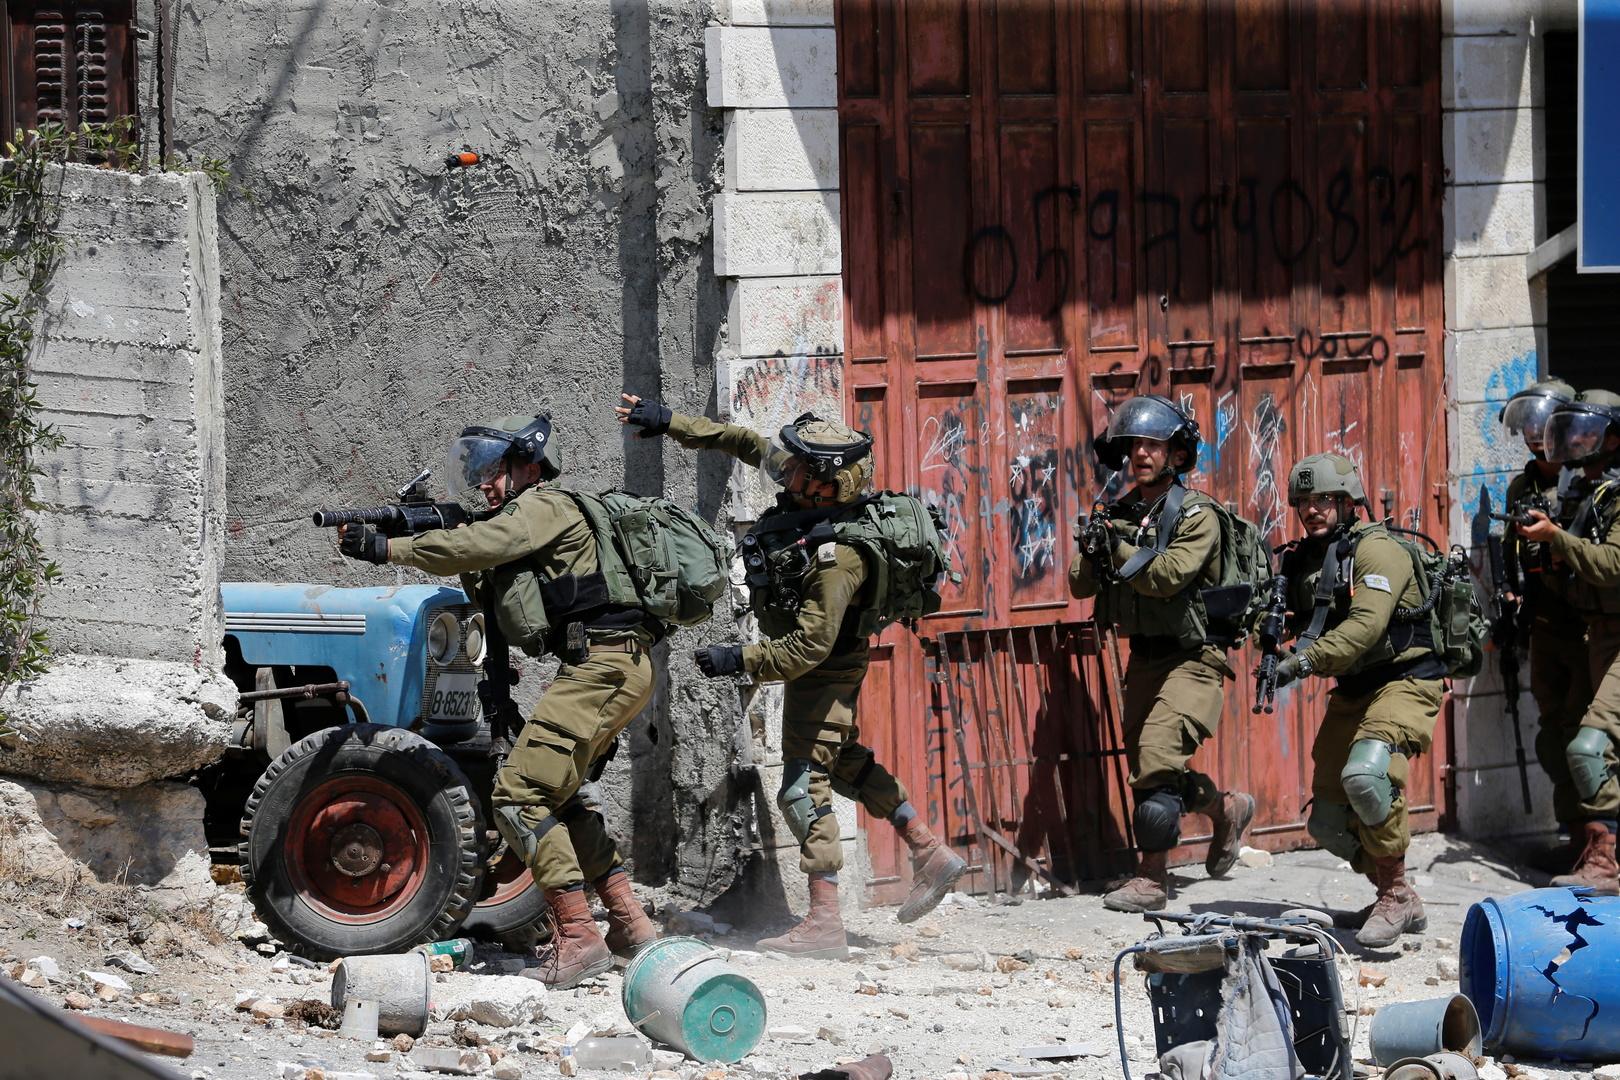 إعلام عبري: الجيش ضبط كمية متفجرات كبيرة كانت ستستخدم بعملية في القدس